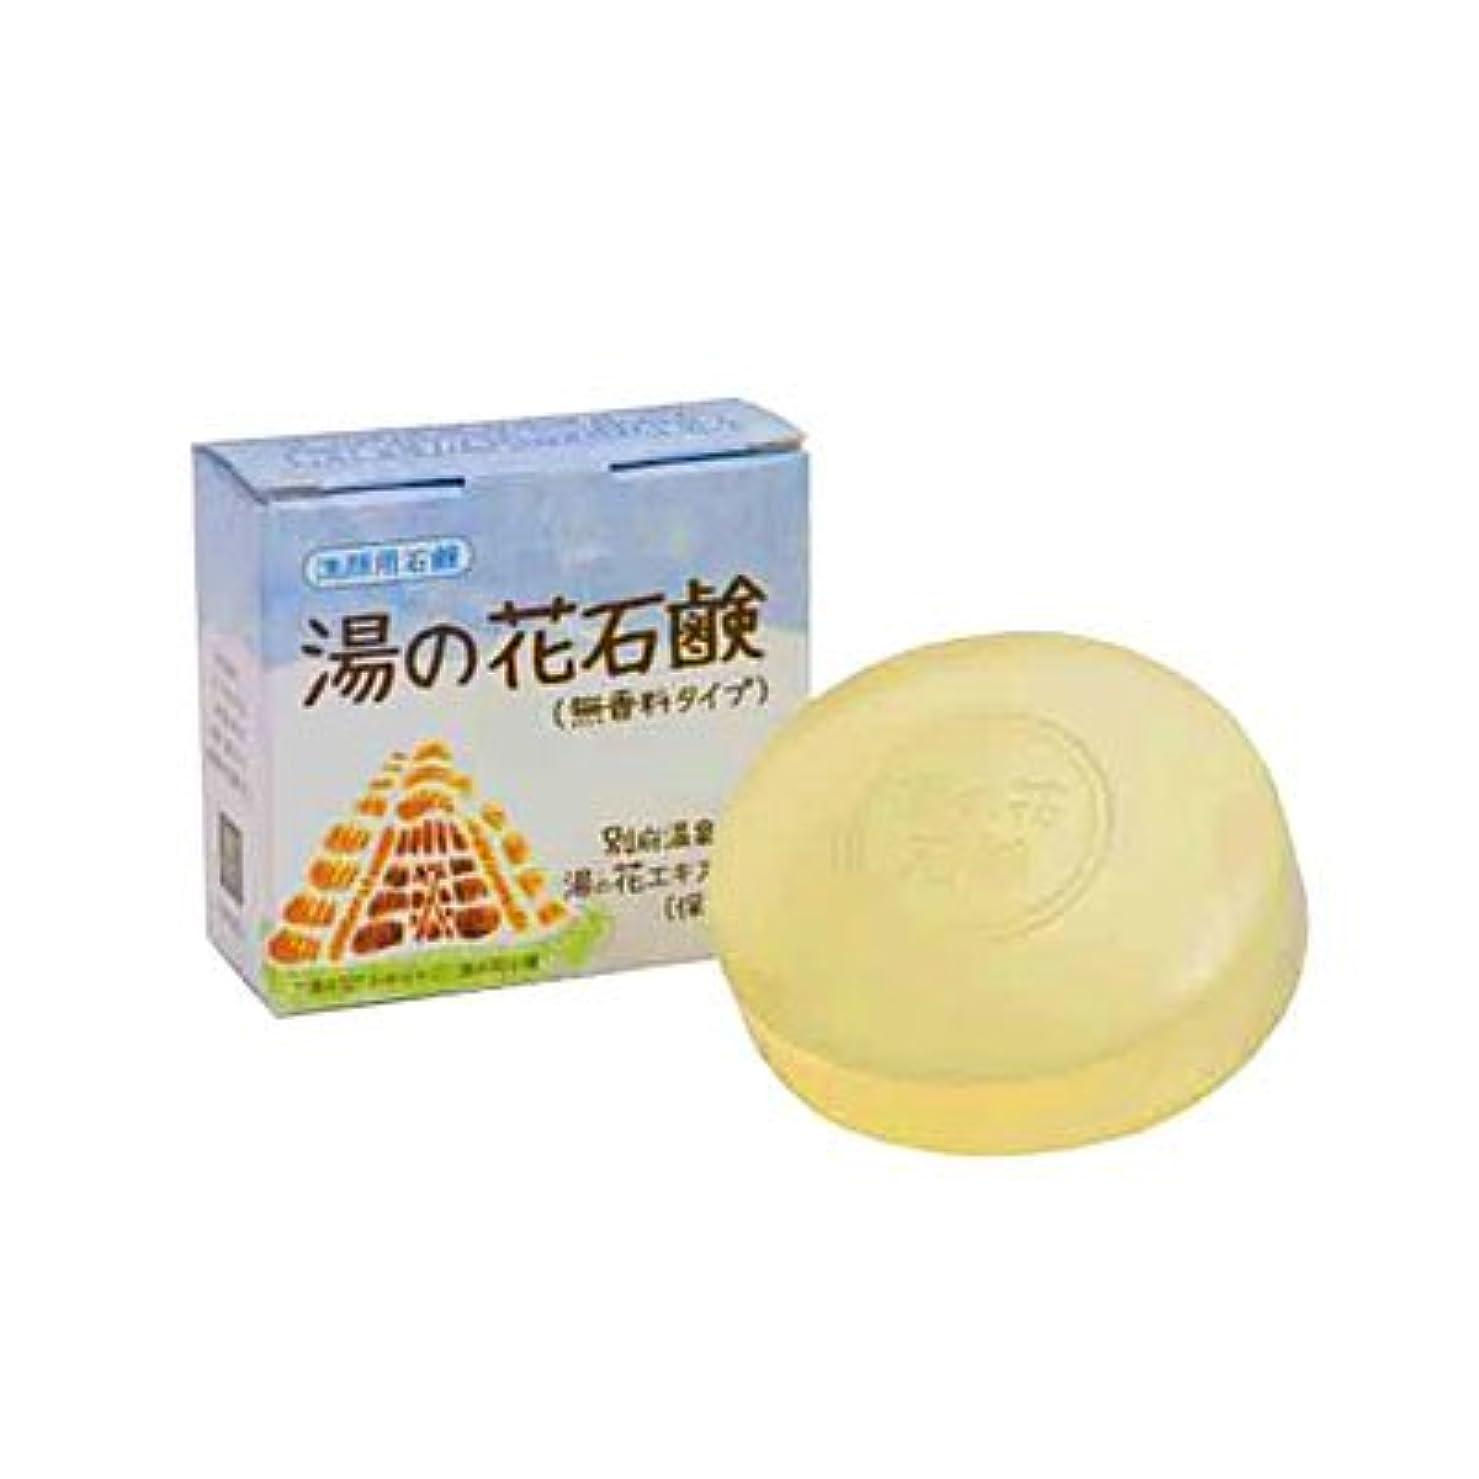 惑星吐き出す備品薬用 湯の花石鹸 ビーナス1 80g